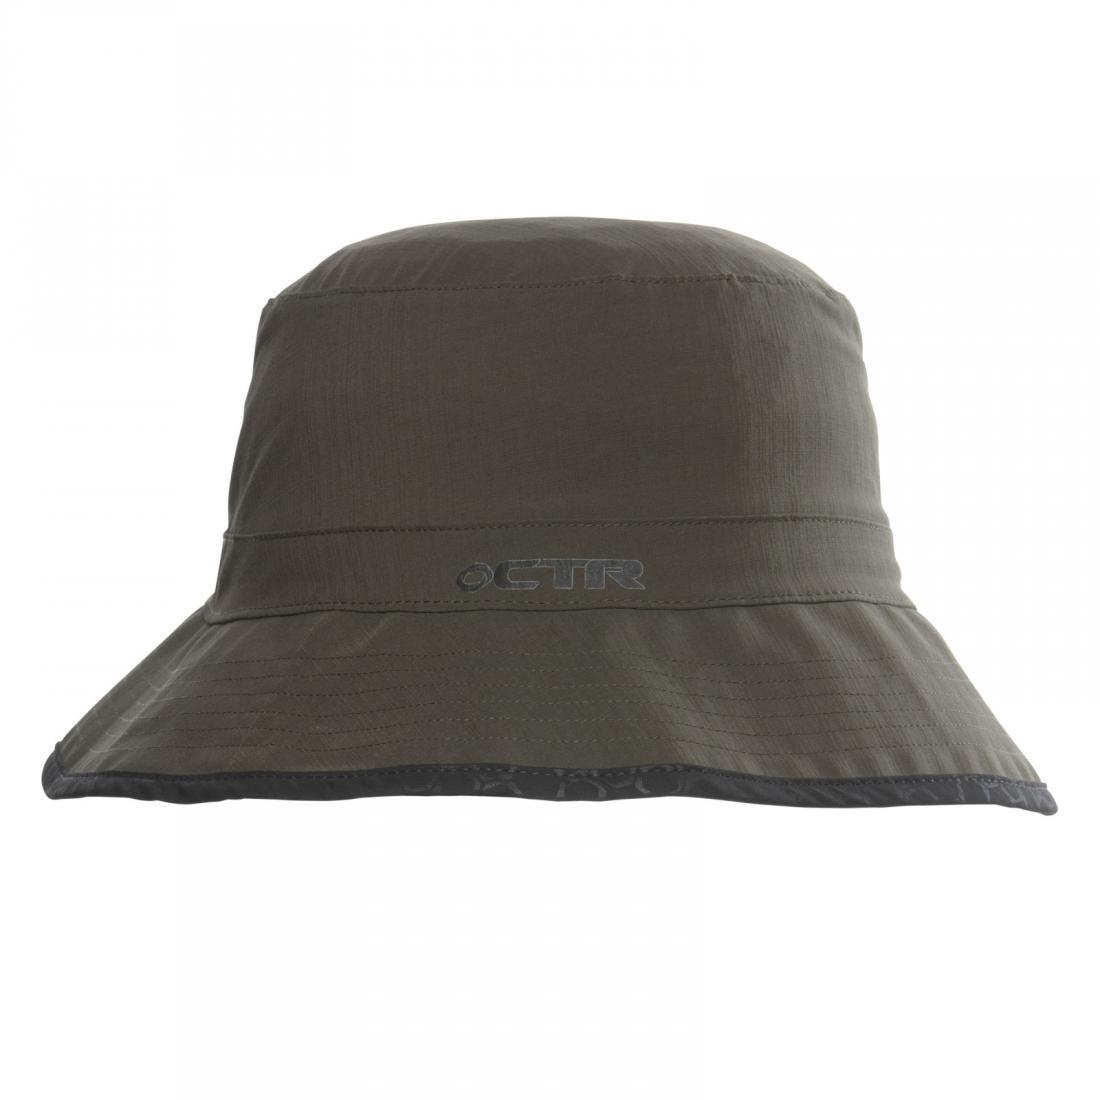 Панама Chaos  Summit Bucket HatПанамы<br><br> Классическая мужская панама Summit Bucket Hat от Chaos — это оптимальное решение для рыбалки и туризма. Легкая и удобная, она отлично защищает и от солнечных лучей, и от дождя. Благодаря компактным размерам она легко помещается в карман, а лаконичн...<br><br>Цвет: Темно-синий<br>Размер: L-XL